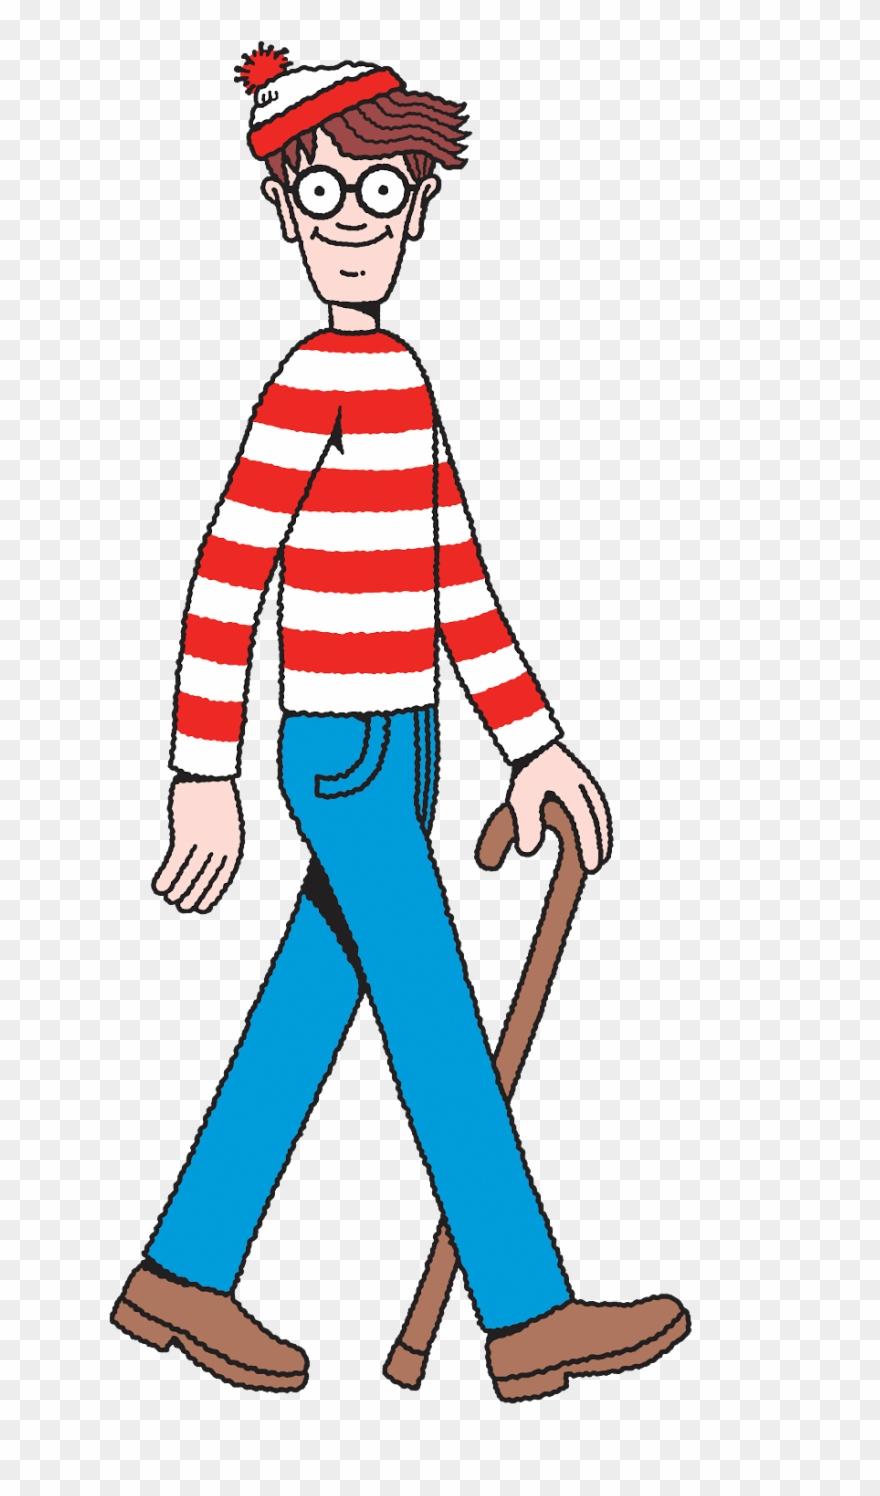 Where\'s Waldo Transparent Clipart (#4505806).